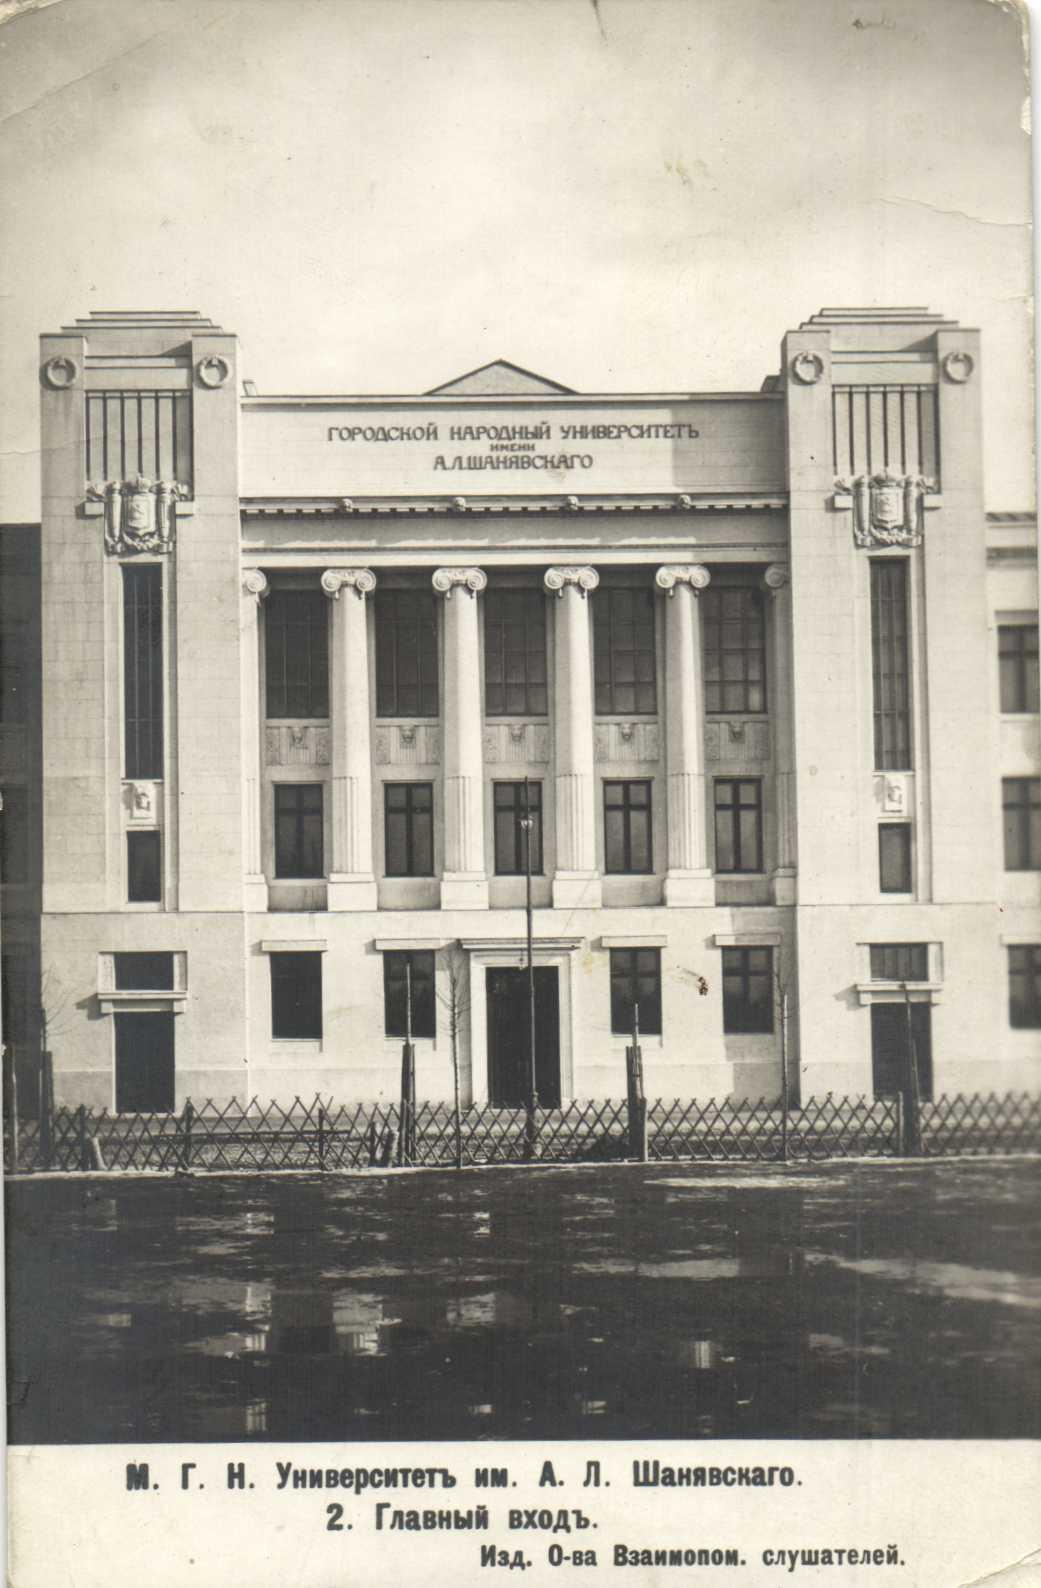 Университет им. А.Л. Шанявского. 02. Главный вход